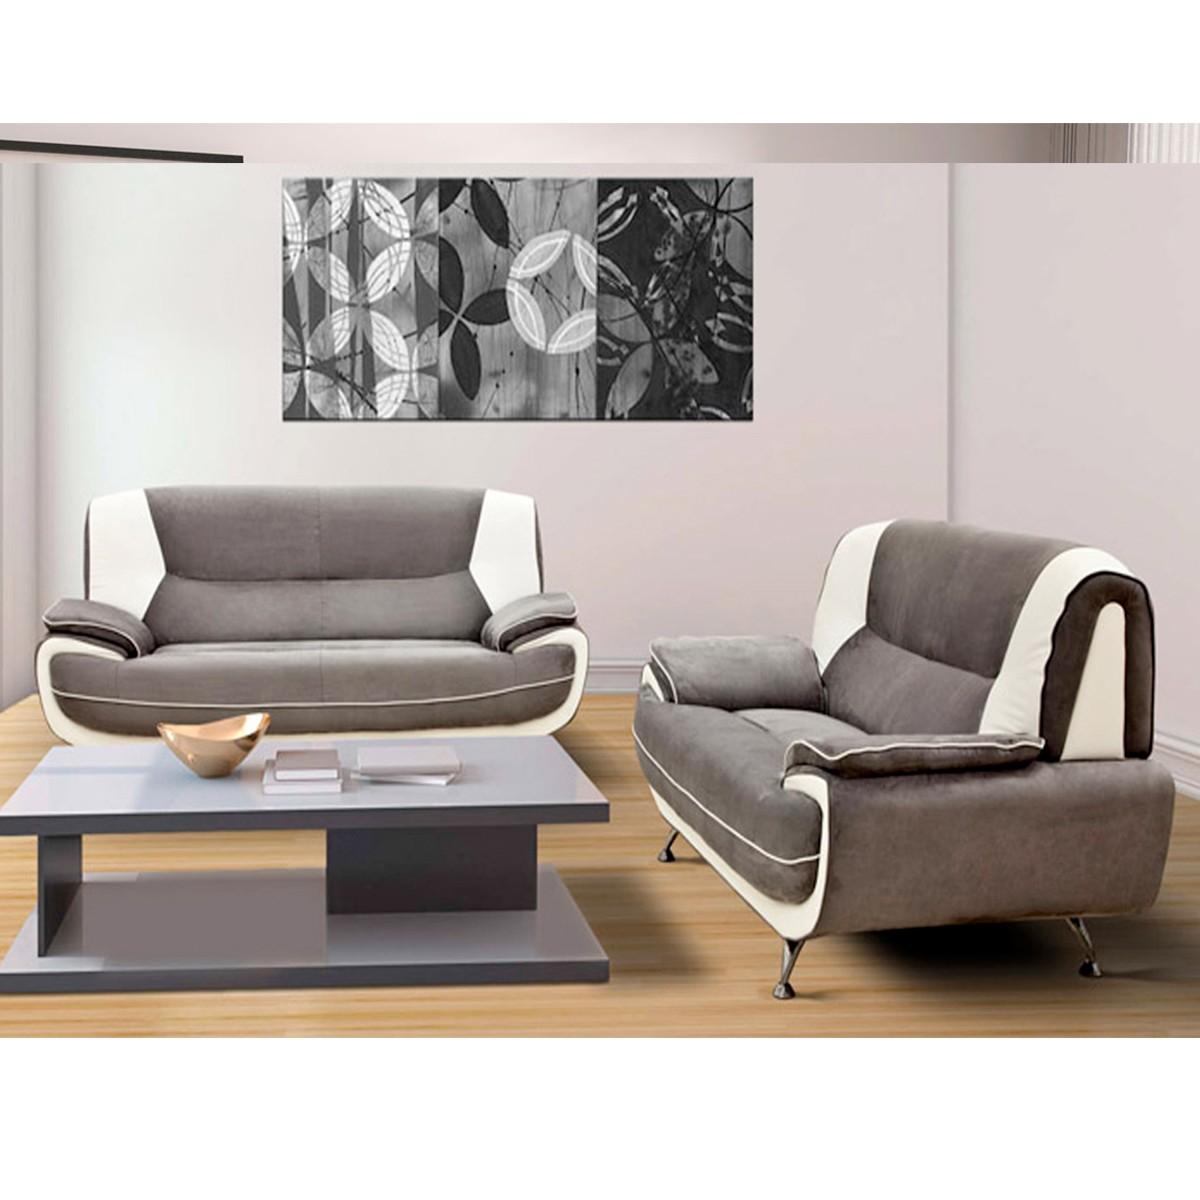 Canapé 3 places et 2 places PVC gris et blanc Palermo